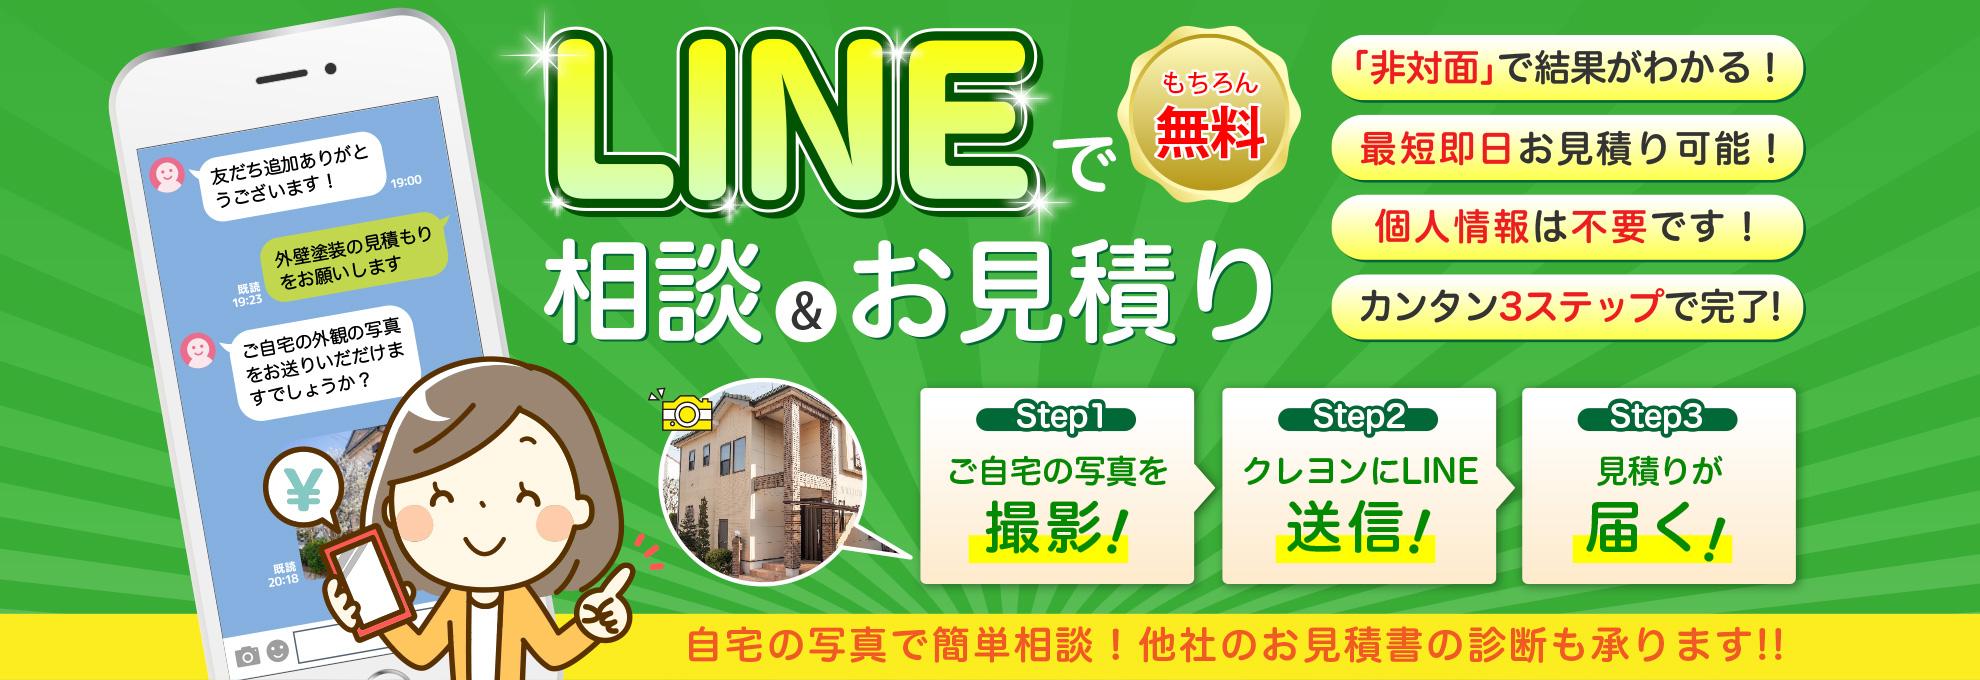 広島の外壁塗装・屋根塗装なら株式会社クレヨンLINEで相談&お見積り